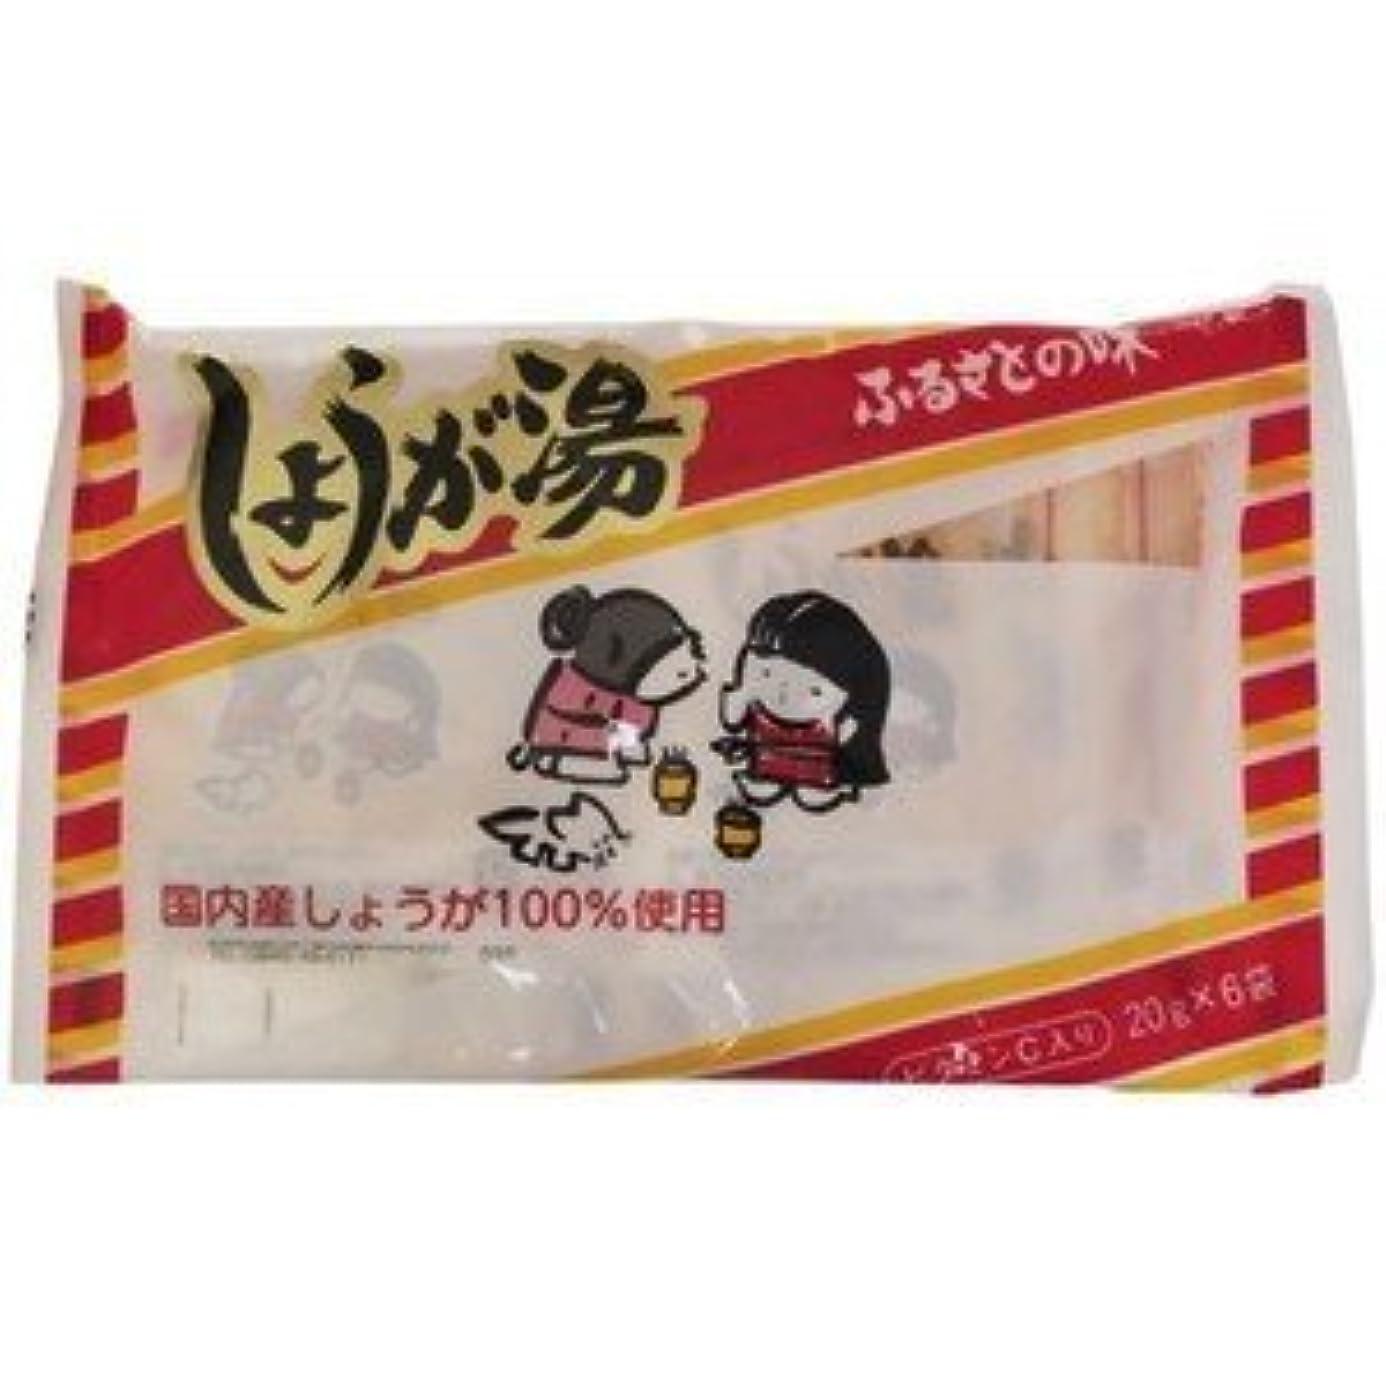 矢笑欲望(今岡製菓)しょうが湯 20g×6袋